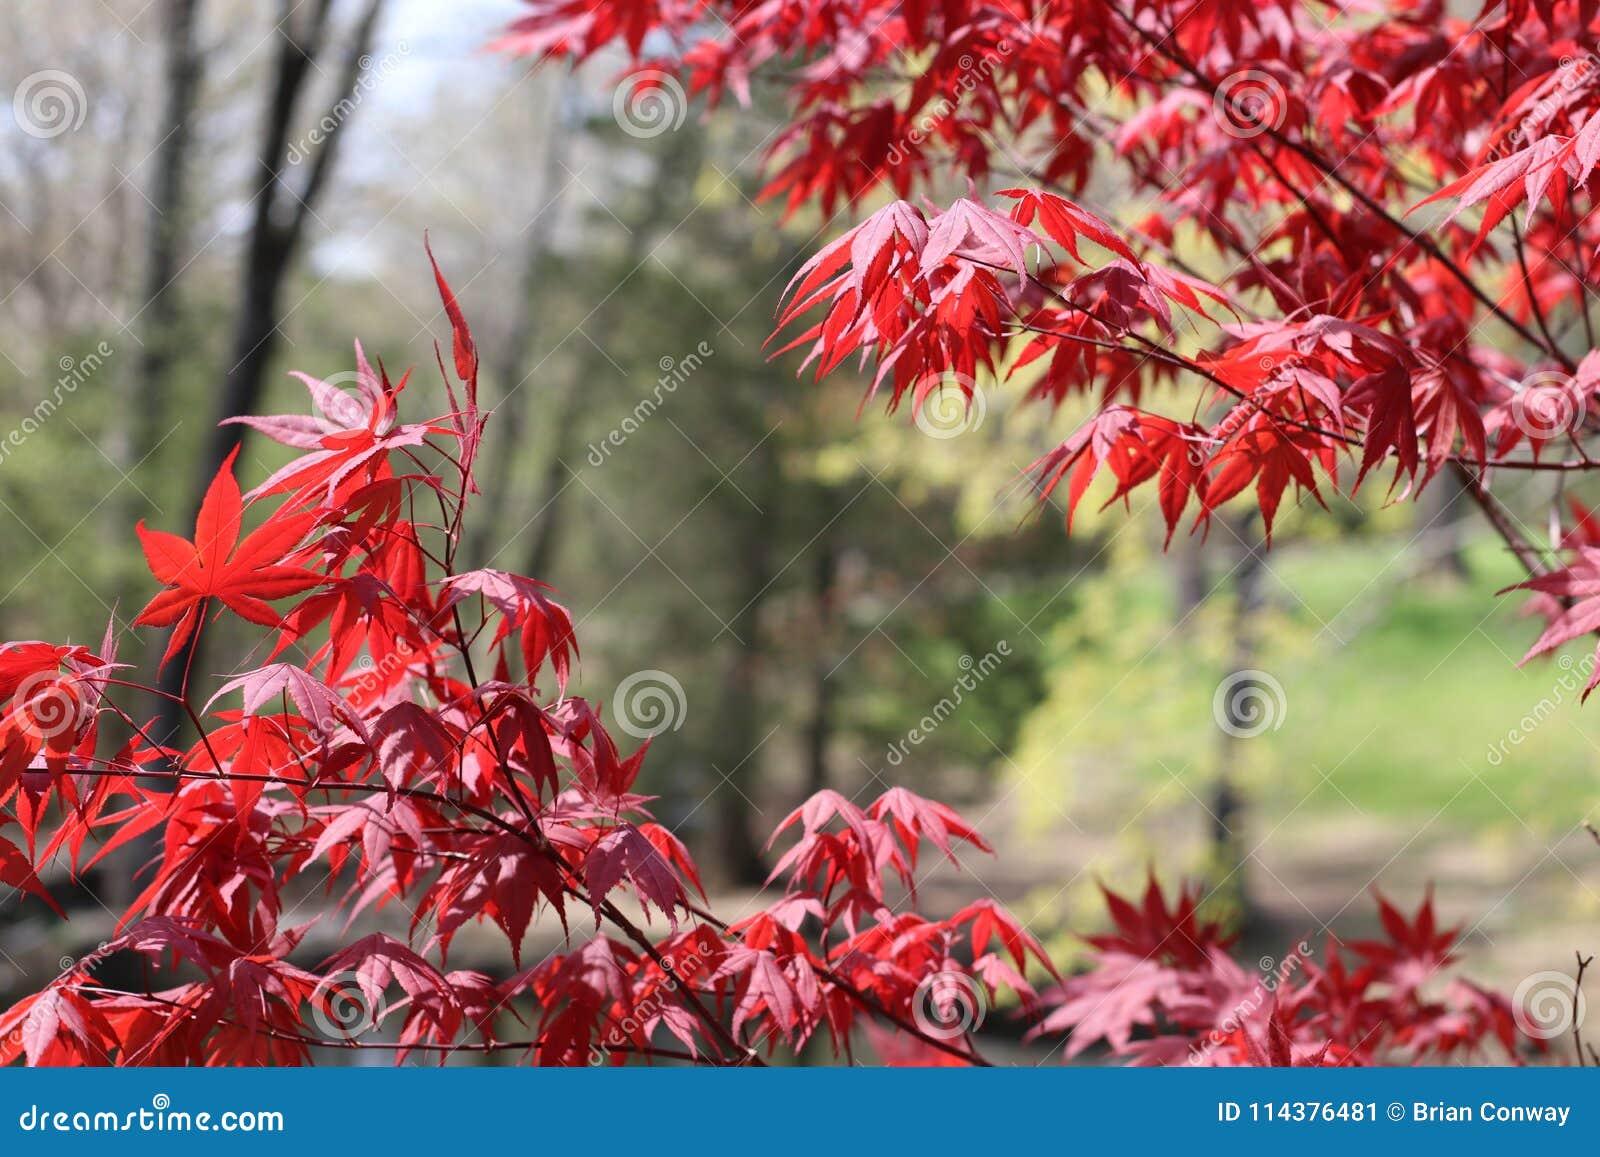 惊人的日本红槭